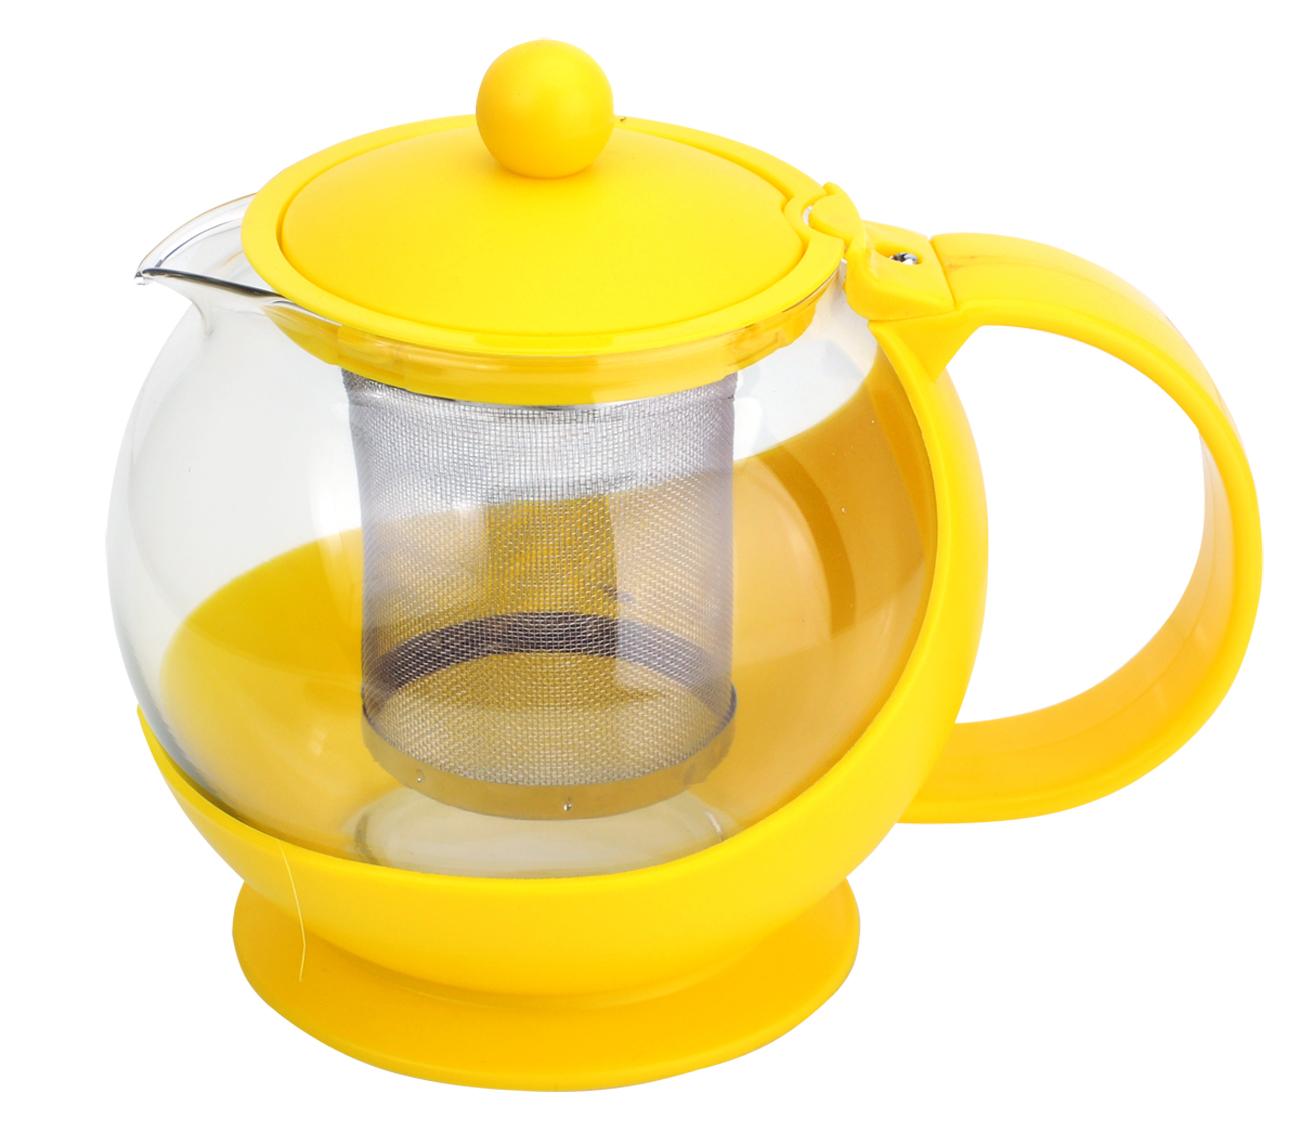 Чайник заварочный МФК-профит, с фильтром, цвет: желтый, 750 млA108-1Заварочный чайник МФК-профит предоставит вам все необходимые возможности для успешного заваривания чая. Он изготовлен из термостойкого стекла и оснащен крышкой и ручкой из пластика, также имеется вставка из нержавеющей стали. Чай в таком чайнике дольше остается горячим, а полезные и ароматические вещества полностью сохраняются в напитке. Чайник оснащен фильтром, который выполнен из нержавеющей стали. Простой и удобный чайник поможет вам приготовить крепкий, ароматный чай. Нельзя мыть в посудомоечной машине. Не использовать в микроволновой печи.